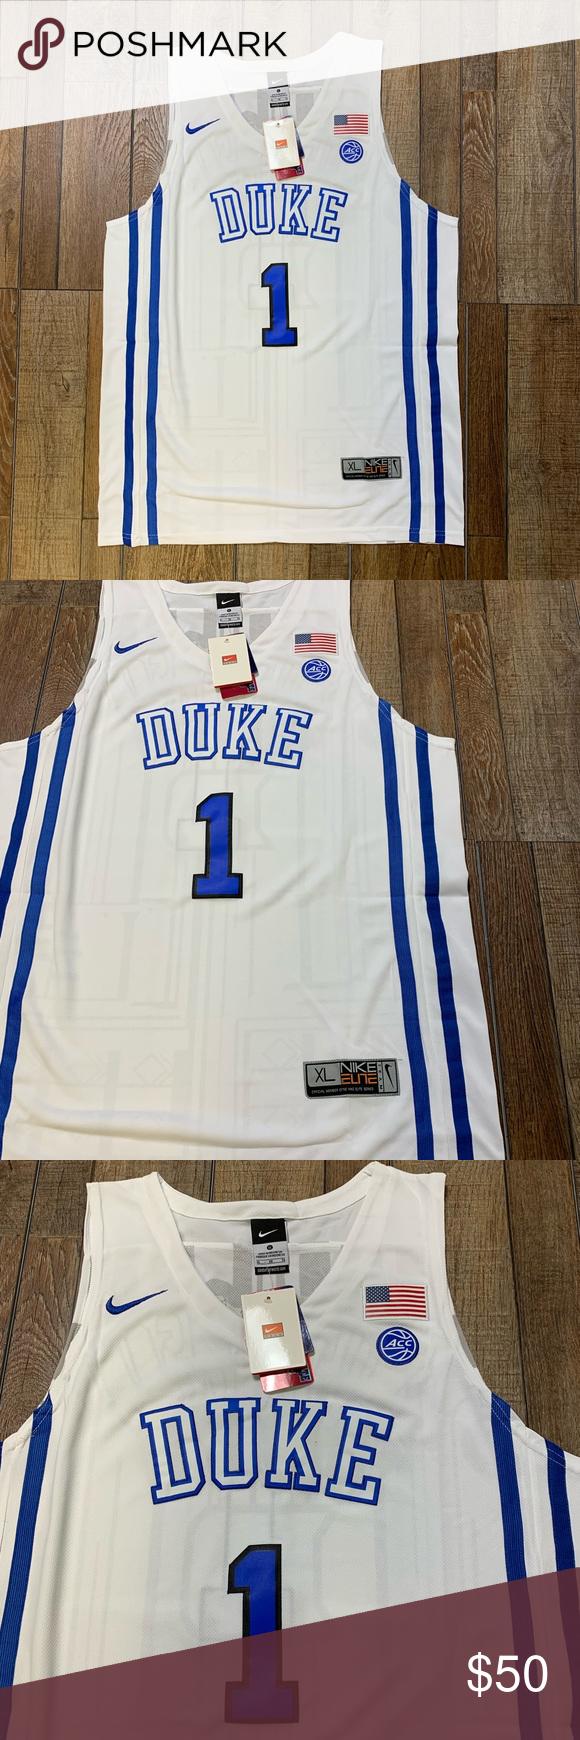 ed34e9955be NWT Zion Williamson Duke Blue Devils Jersey 🔥🔥💯 Brand New   Perfect  Condition Zion Williamson  1 Duke Blue Devils Official   Authentic College  NCAA Men s ...